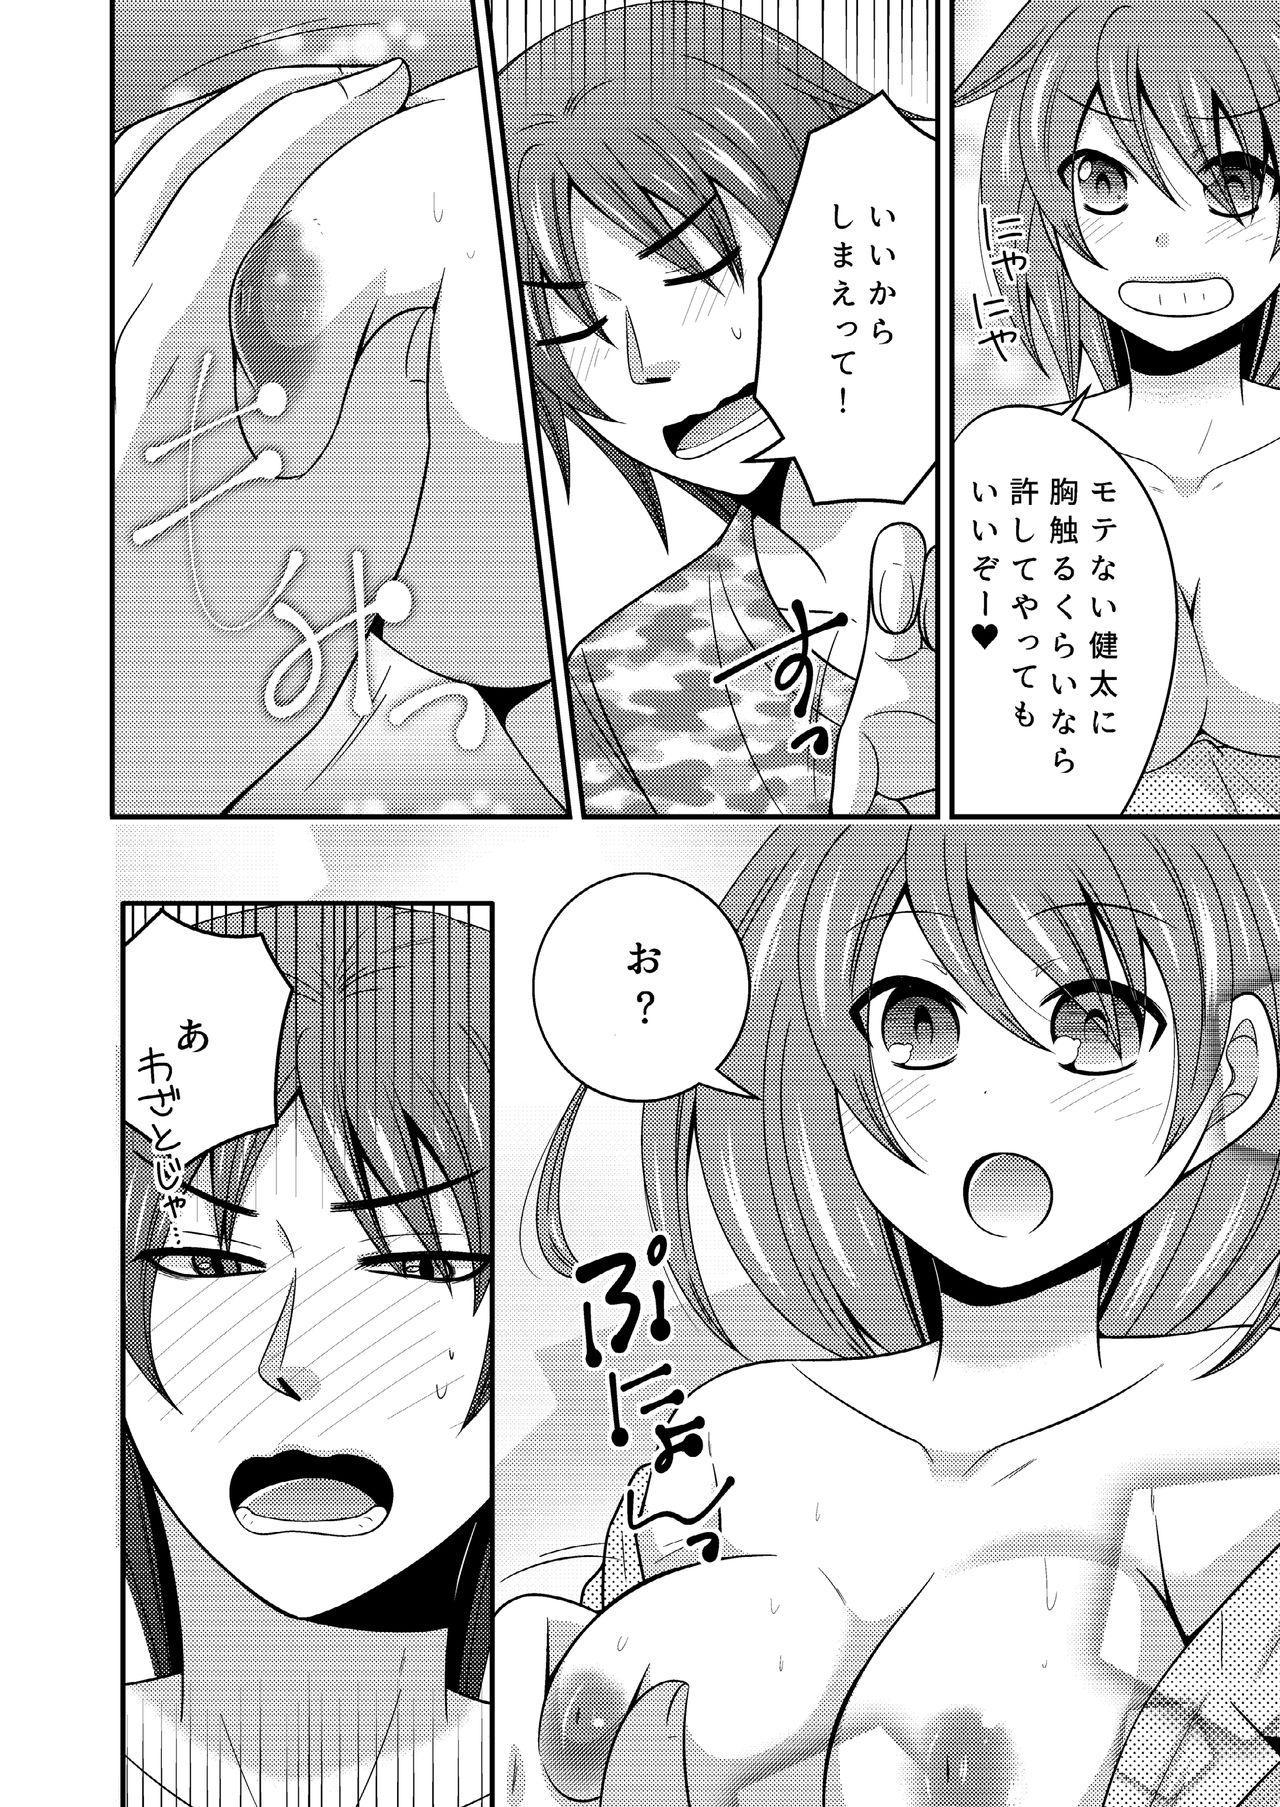 Yakyuubu no Ace ga Nyotaika shite Shinyuu to Ecchi + Yoru no Aida wa Onnanoko 8